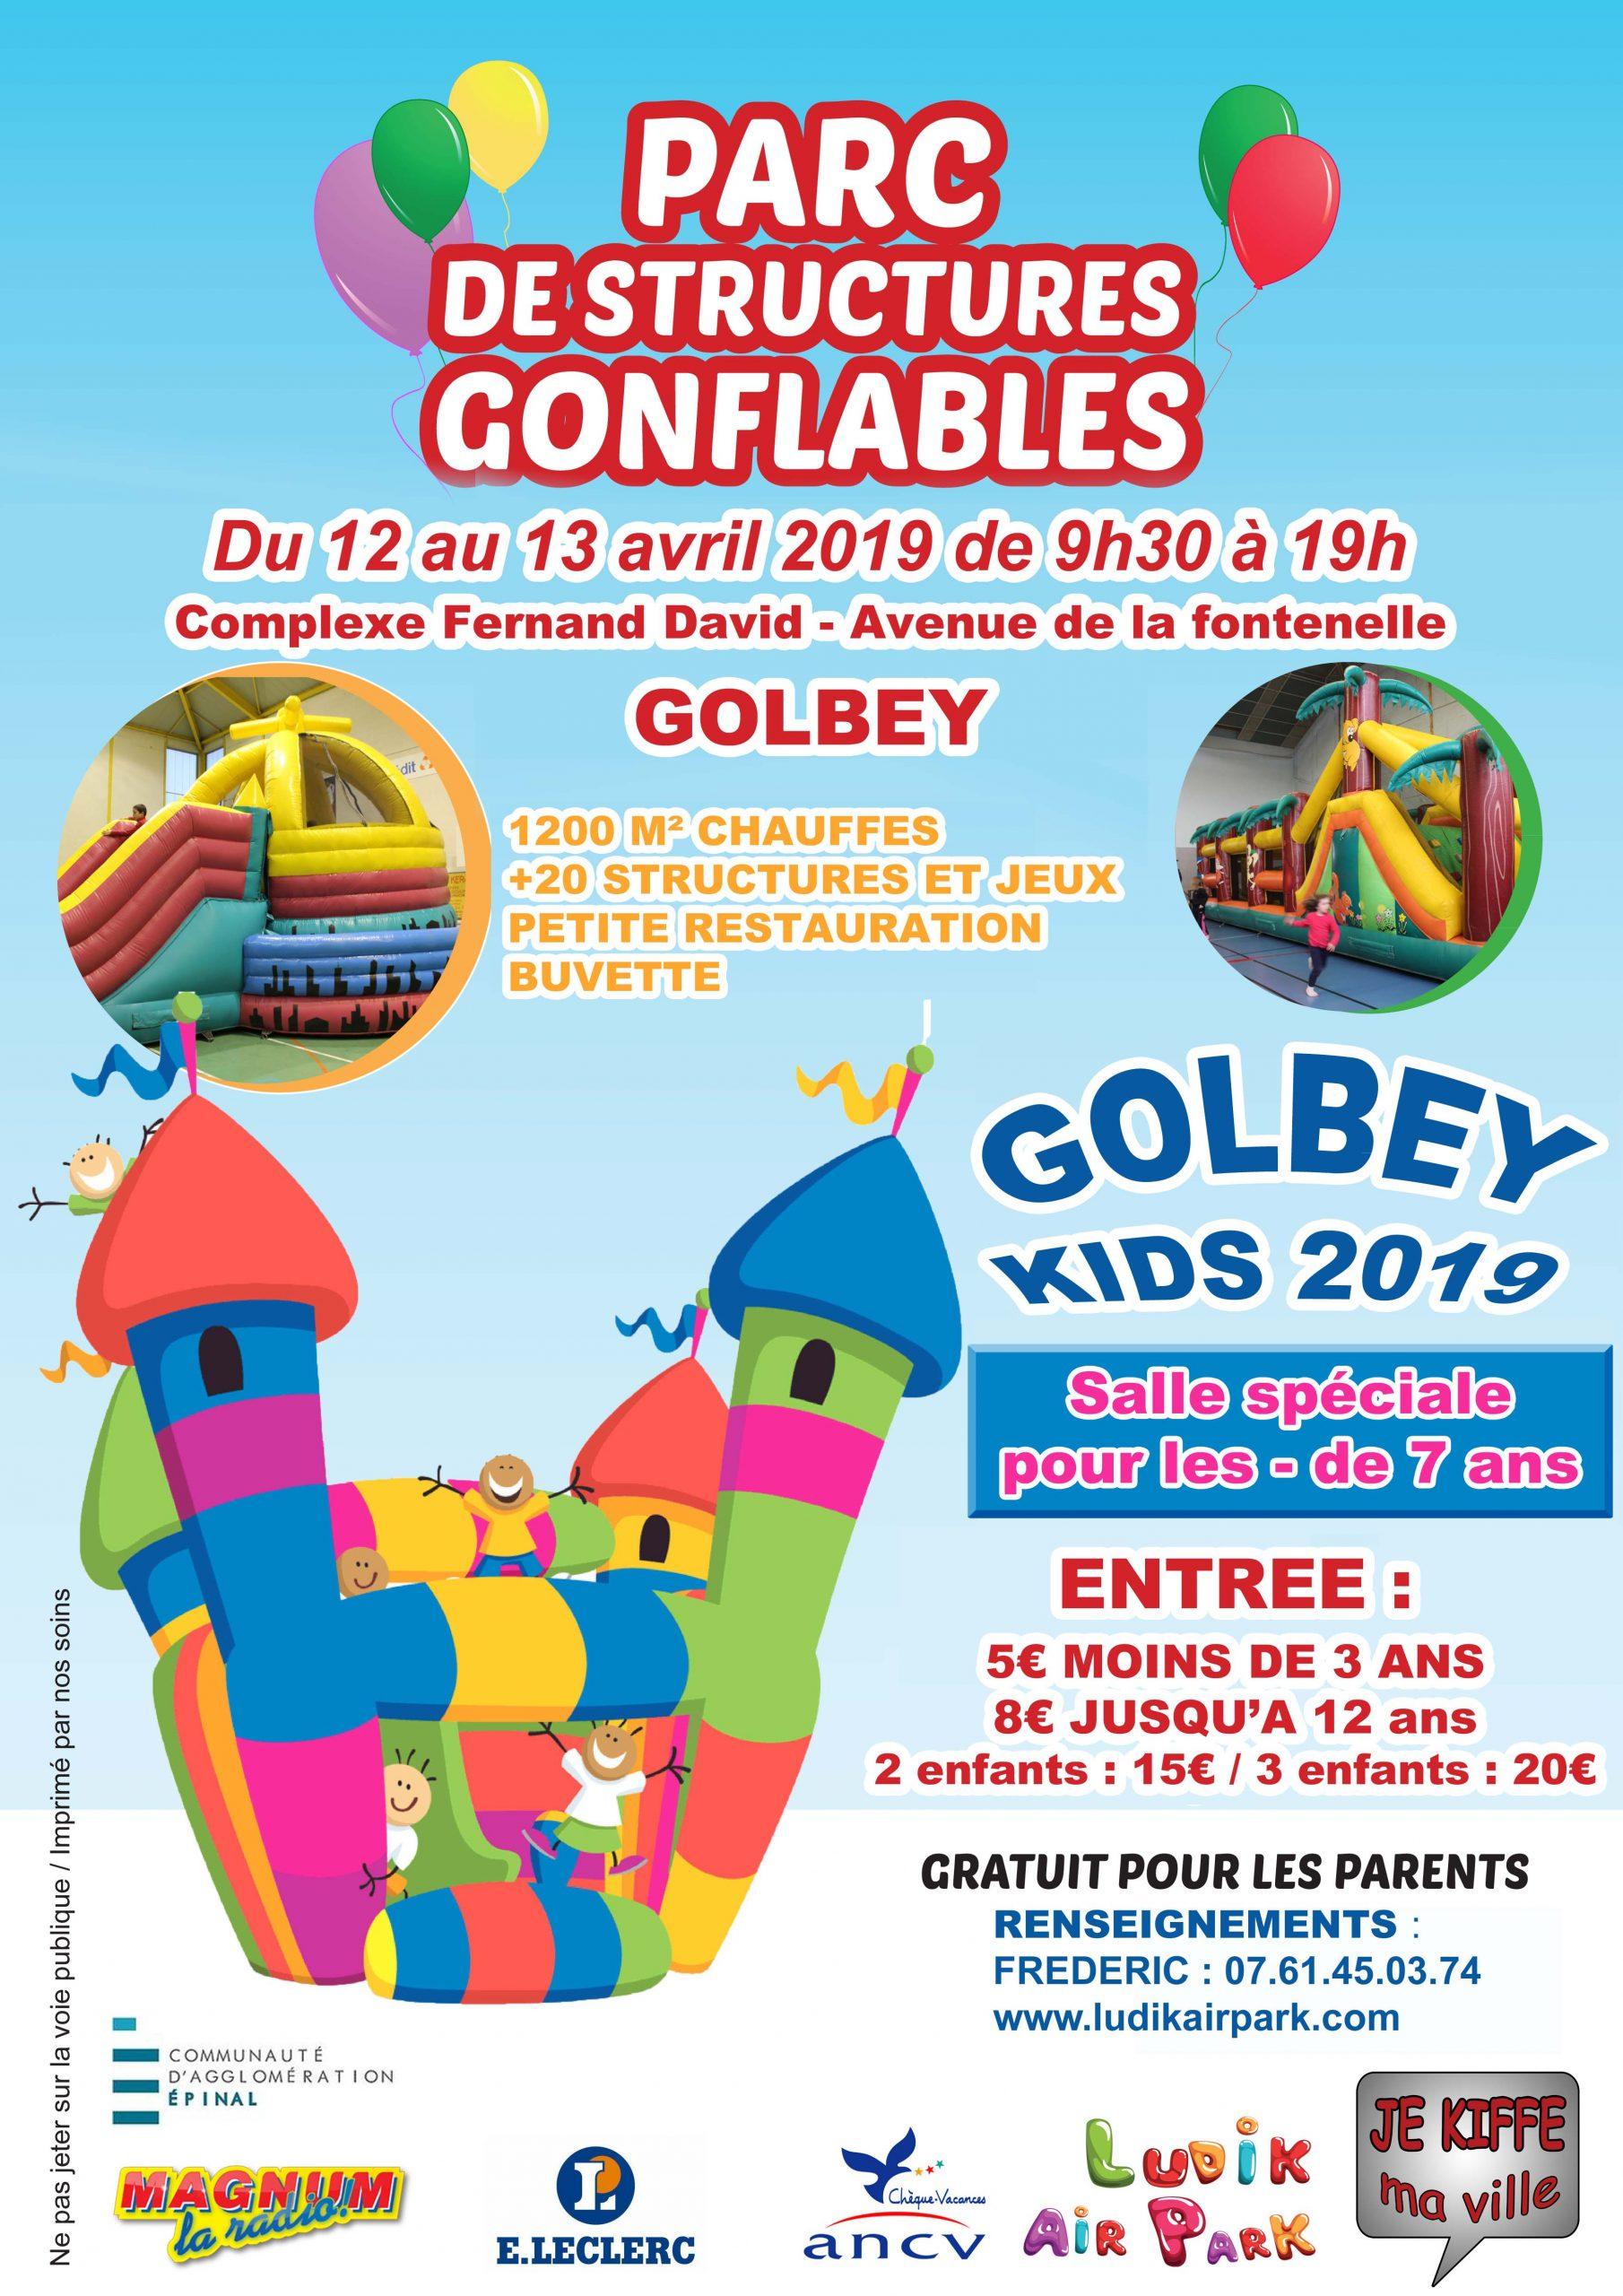 Location Structure Jeu Gonflable Ludikairpark 88 Vosges serapportantà Jeux Gratuit Enfant De 3 Ans